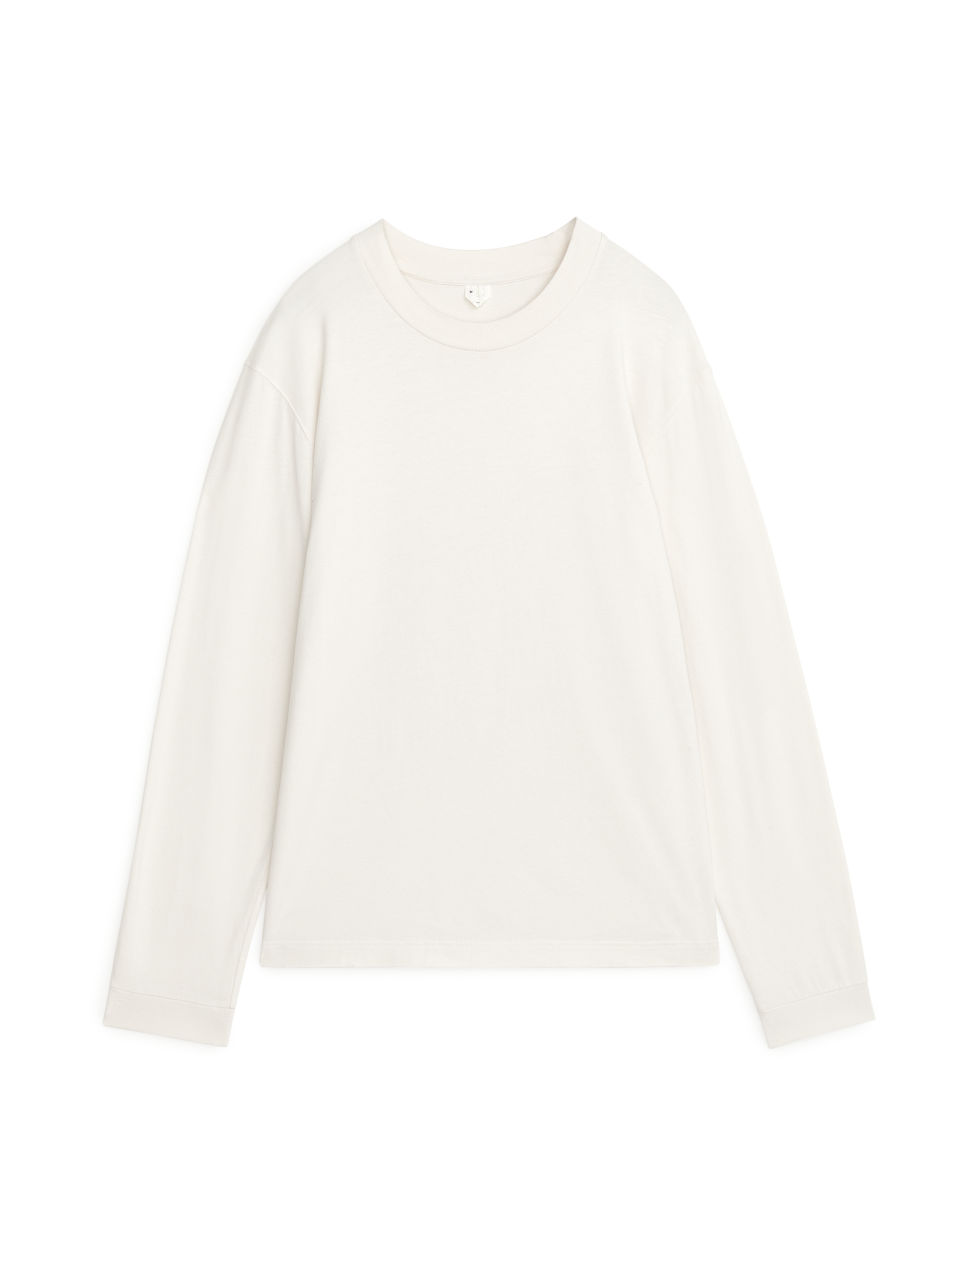 Long-Sleeved Organic Cotton T-Shirt - Beige